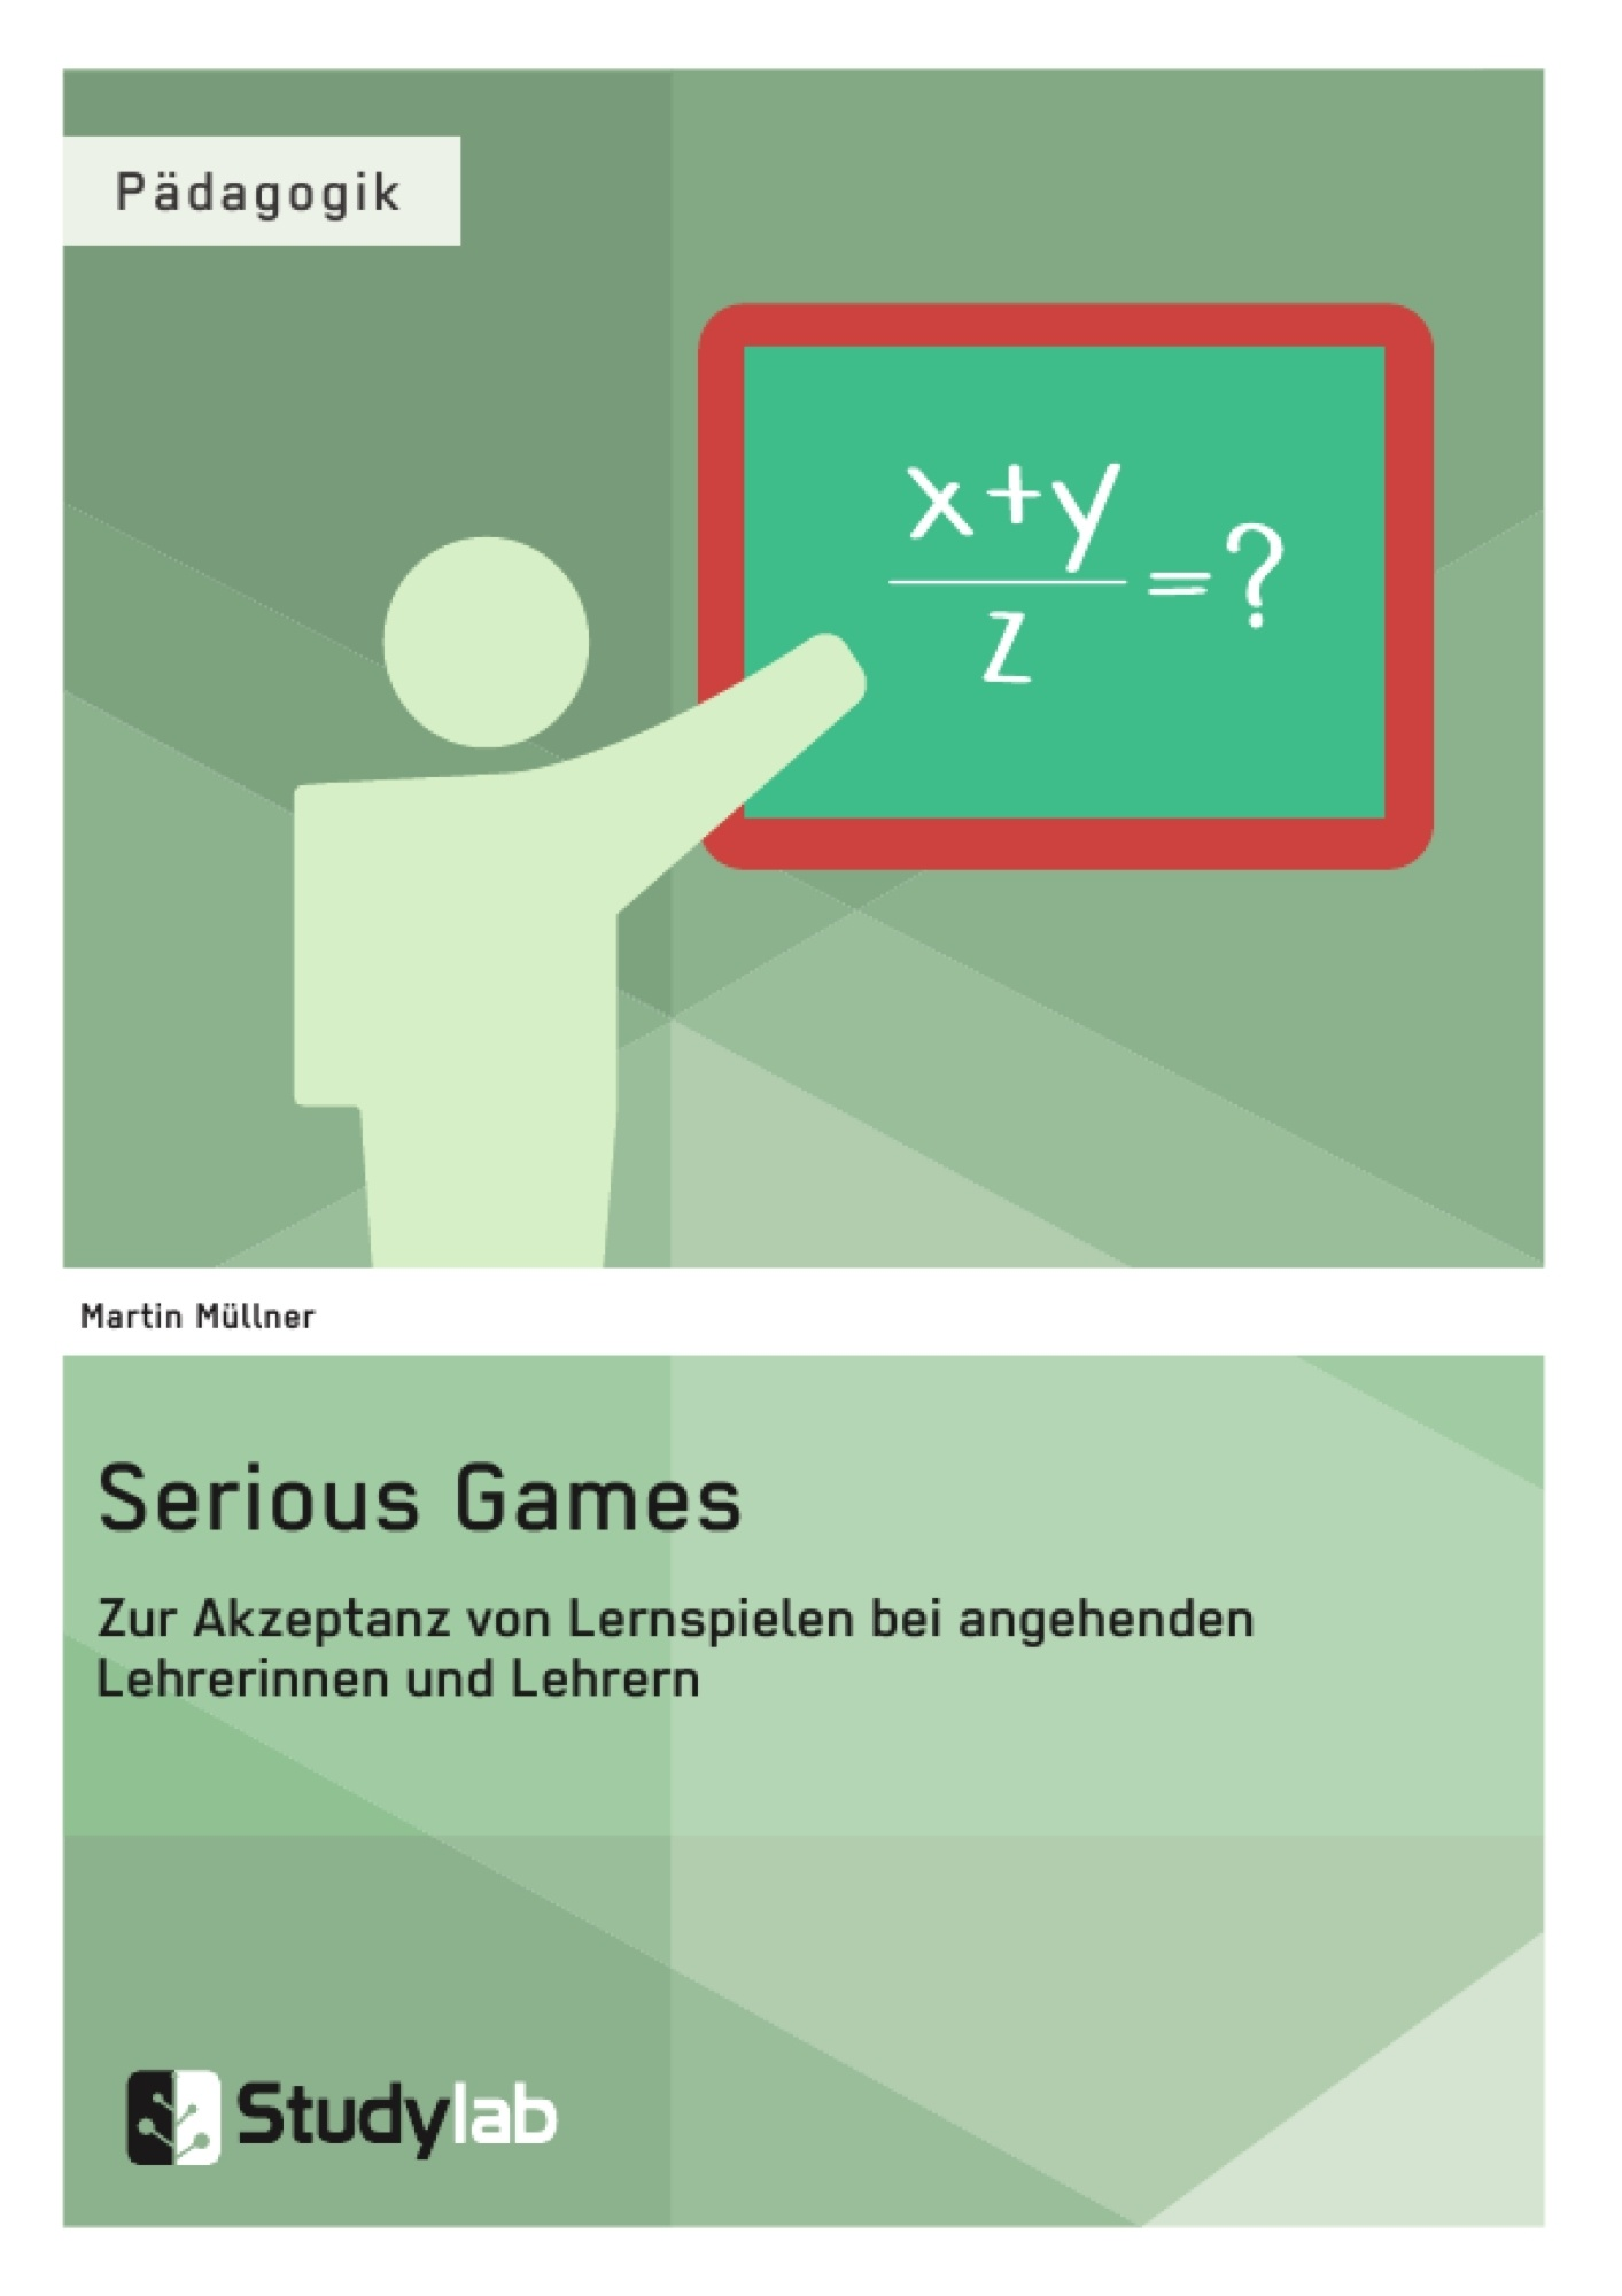 Titel: Serious Games. Zur Akzeptanz von Lernspielen bei angehenden Lehrerinnen und Lehrern